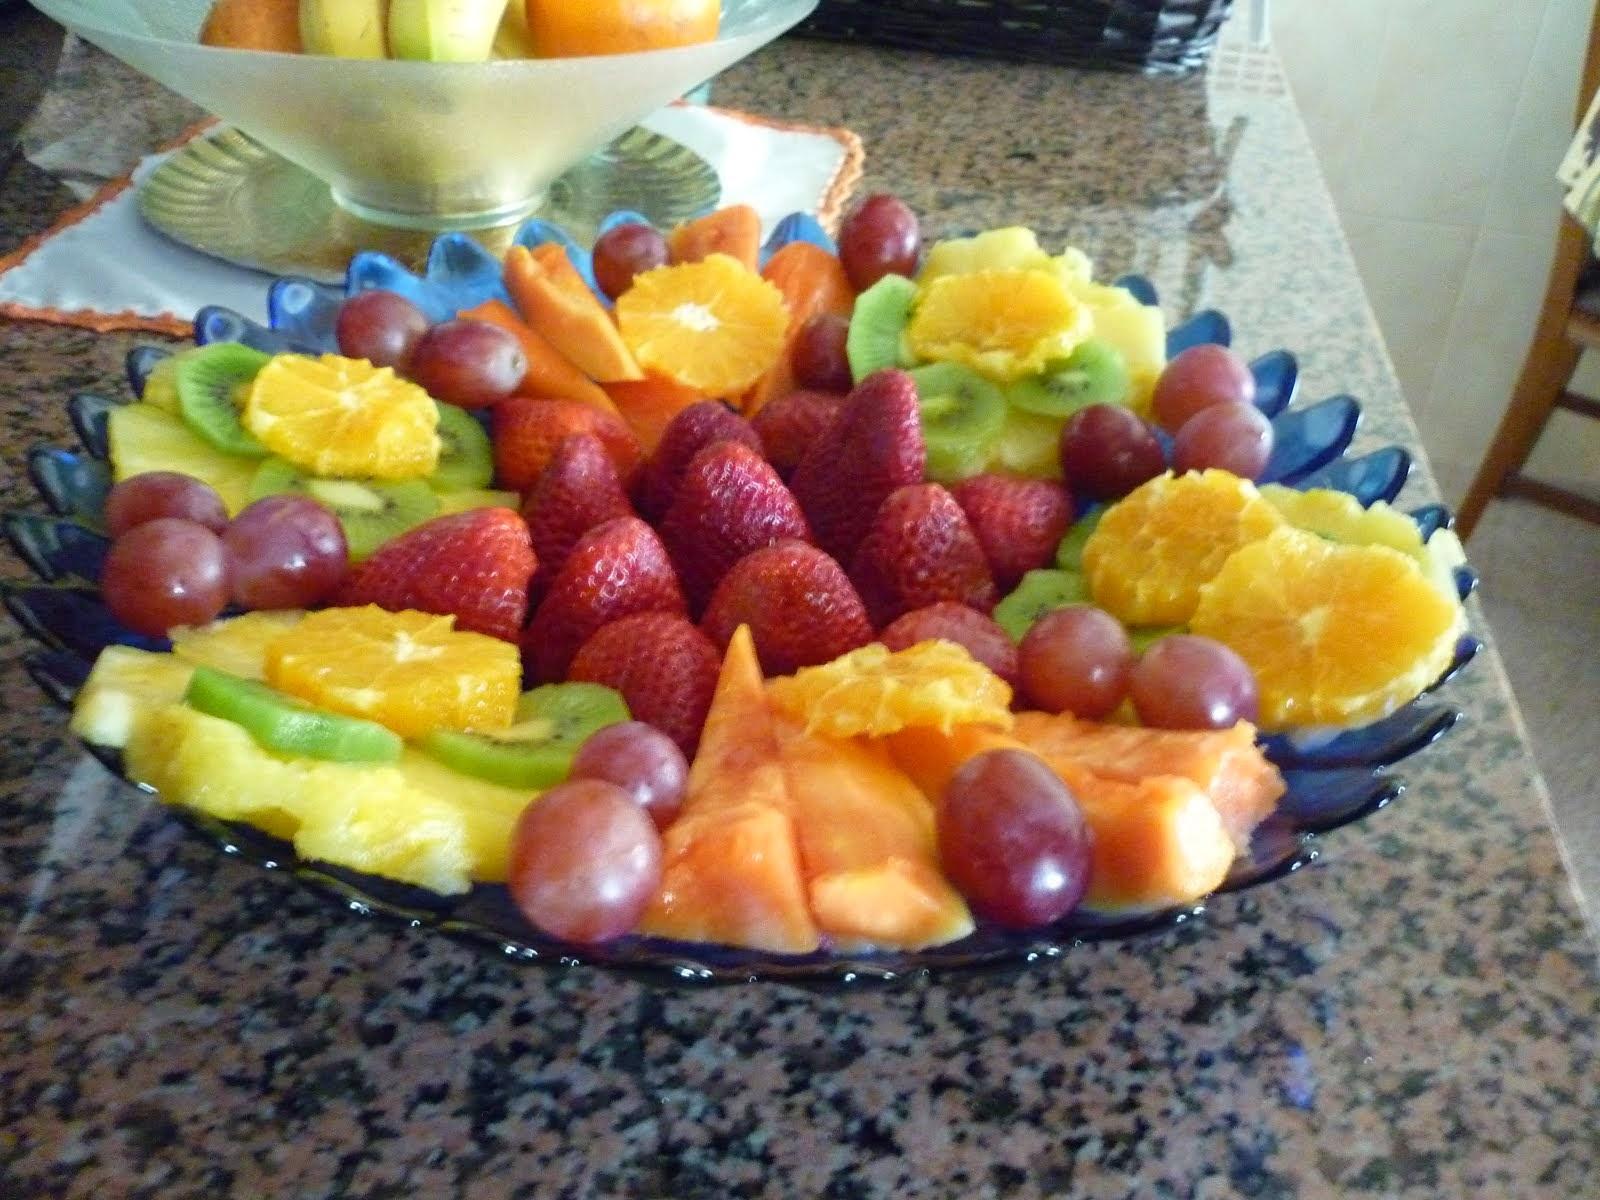 Fruta faz bem